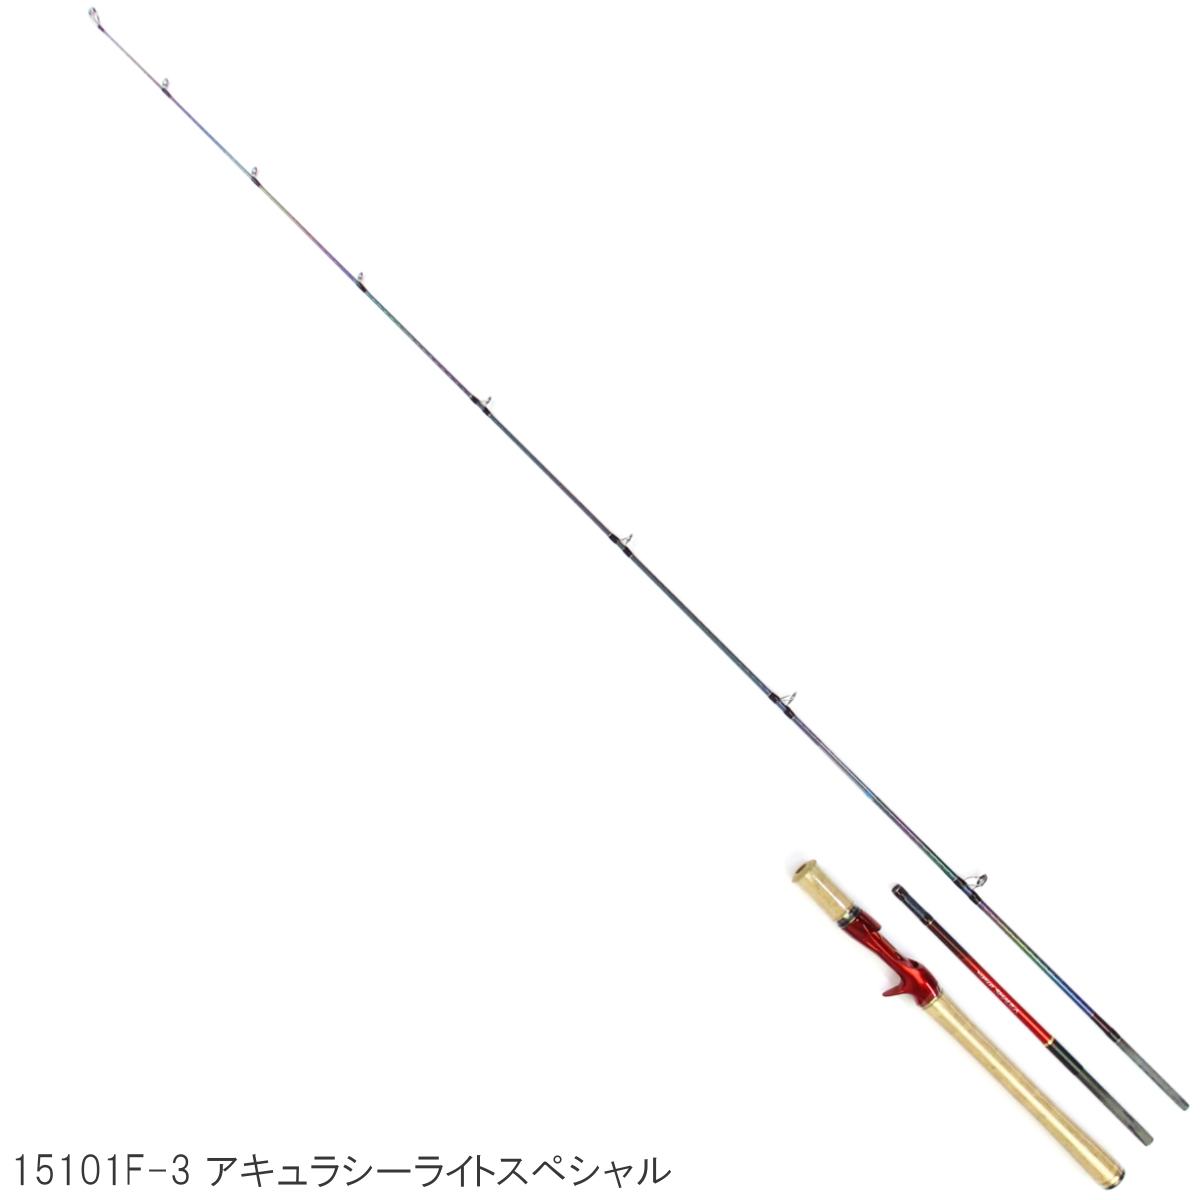 シマノ ワールドシャウラ (ベイト) 15101F-3 アキュラシーライトスペシャル【大型商品】【送料無料】